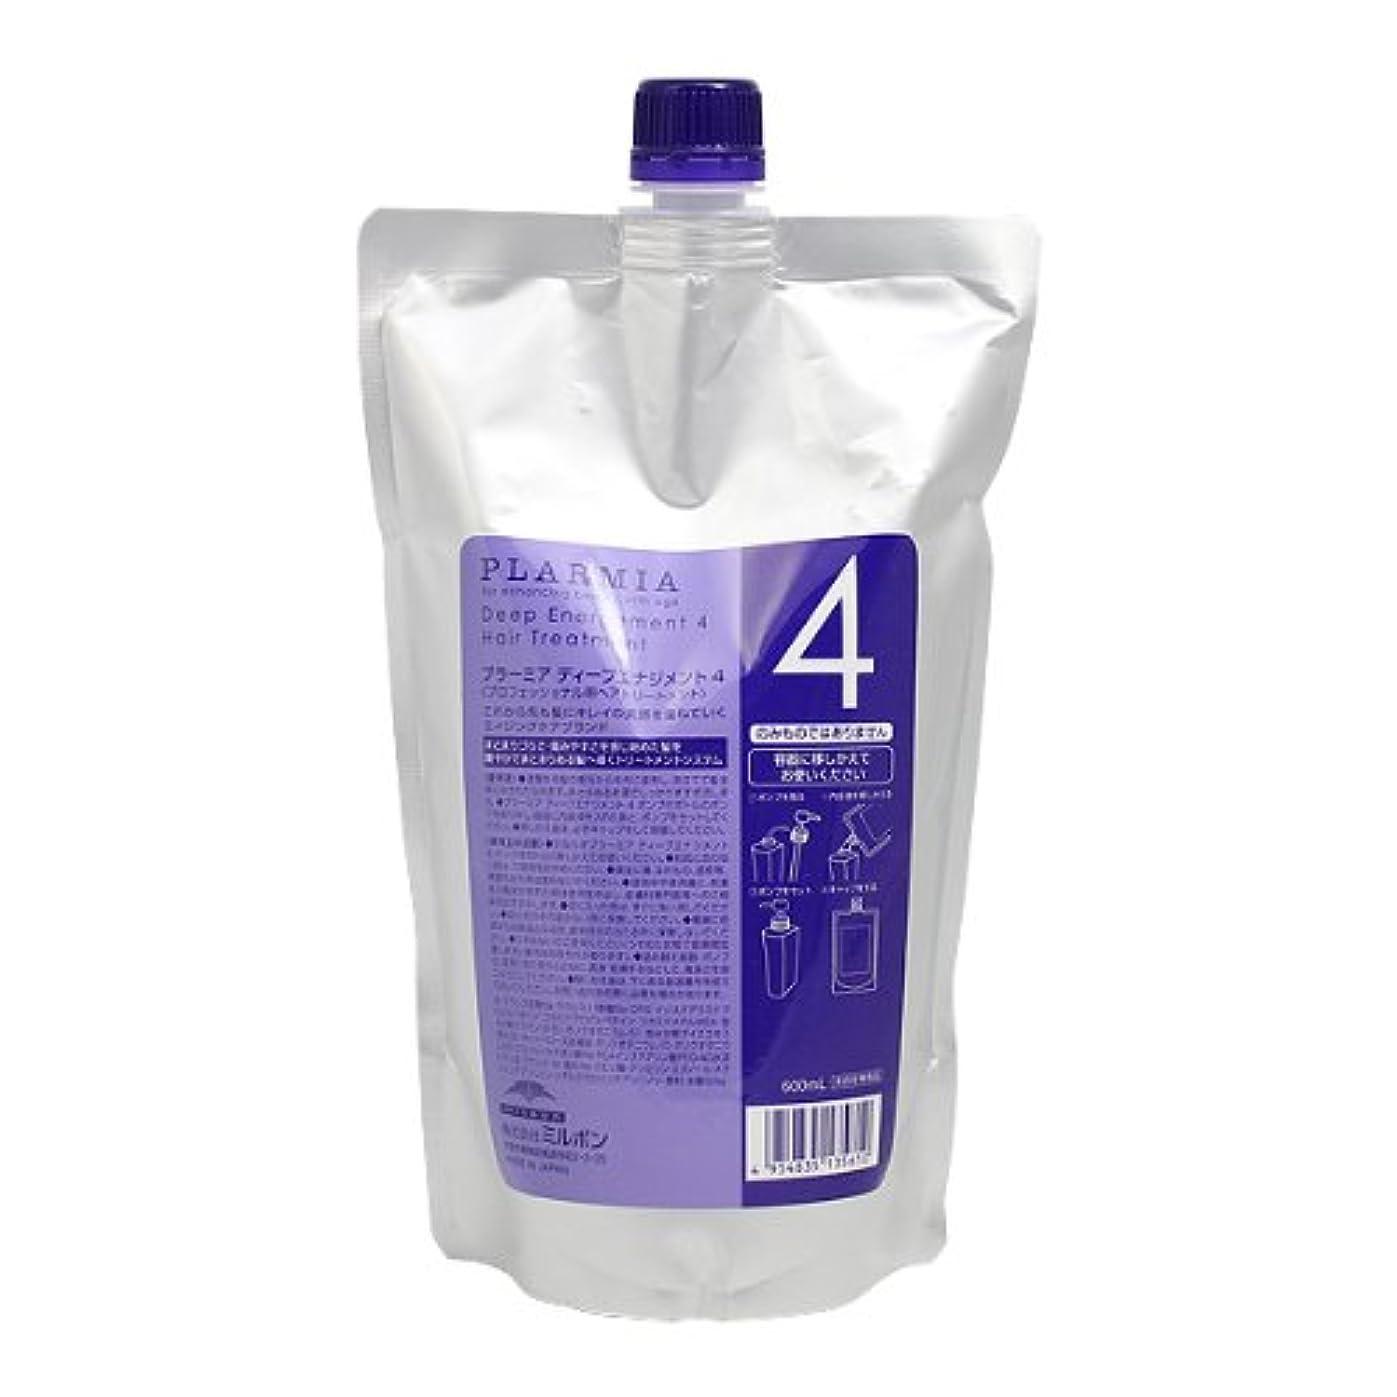 腸不正直ブランドミルボン プラーミア ディープエナジメント4 詰替用 600ml 詰替え用(レフィル)